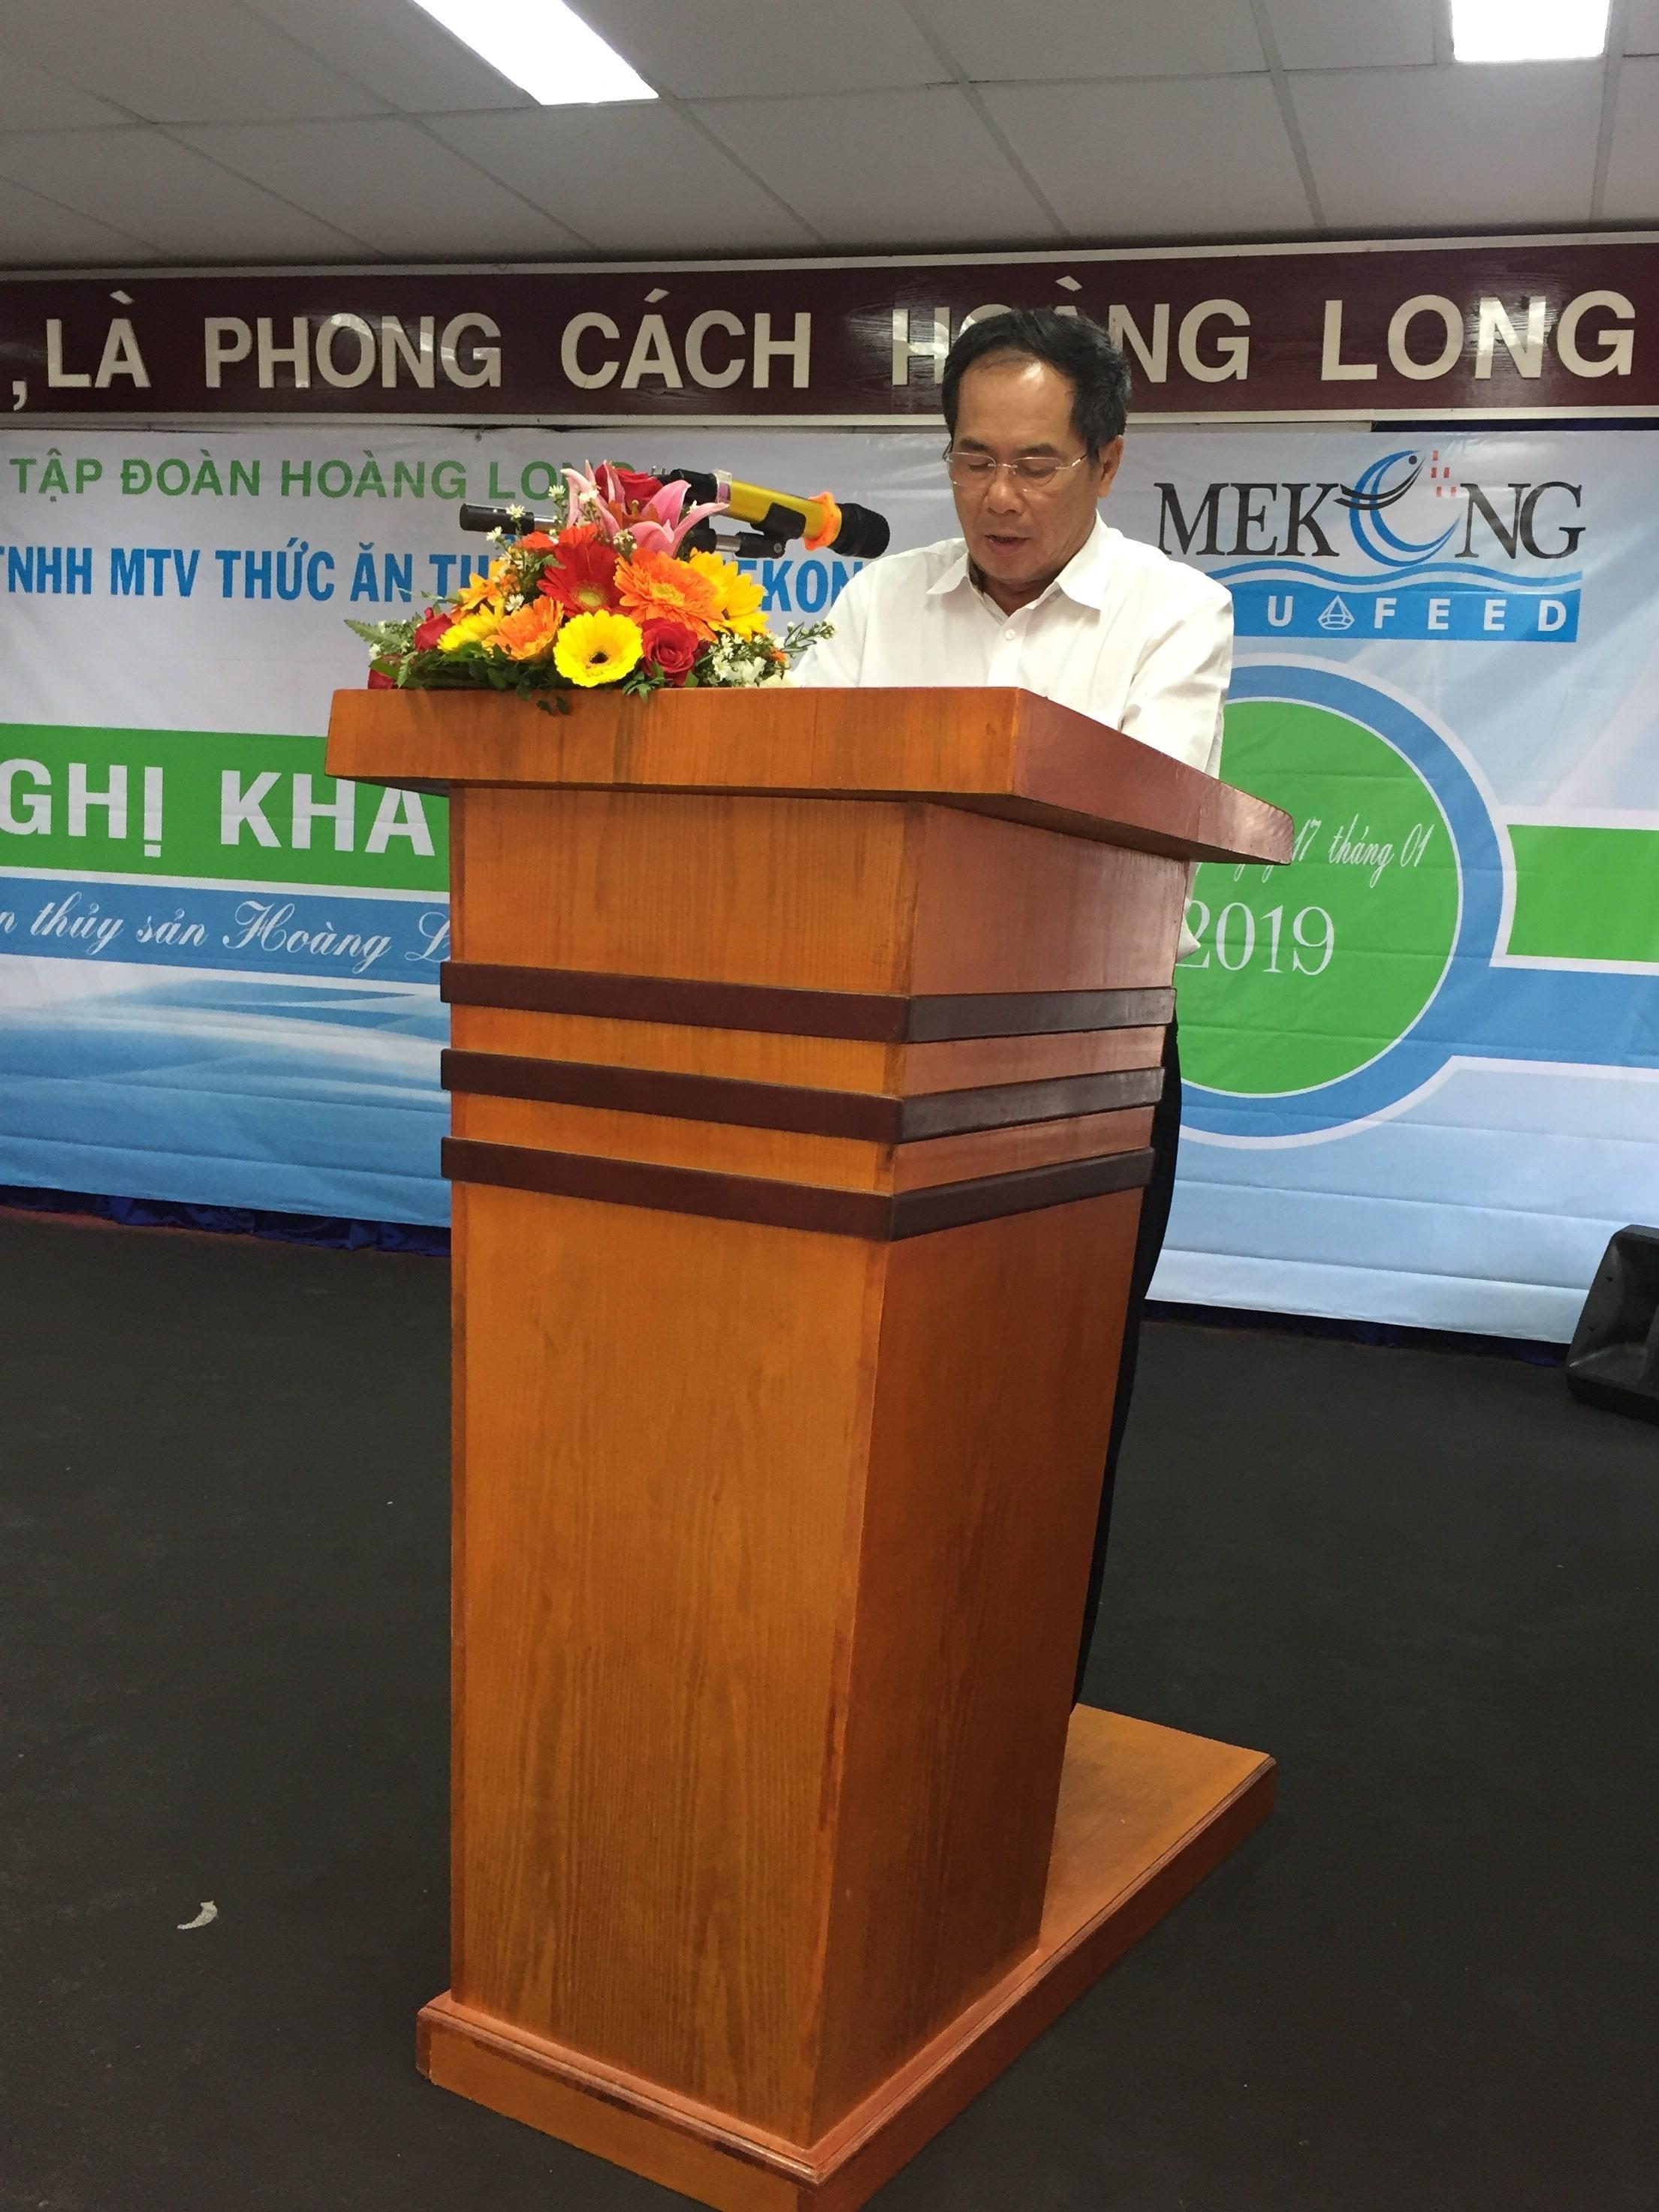 Công ty TNHH MTV chế biến thức ăn Thủy sản MeKong – Hoàng Long tổ chức hội nghị khách hàng